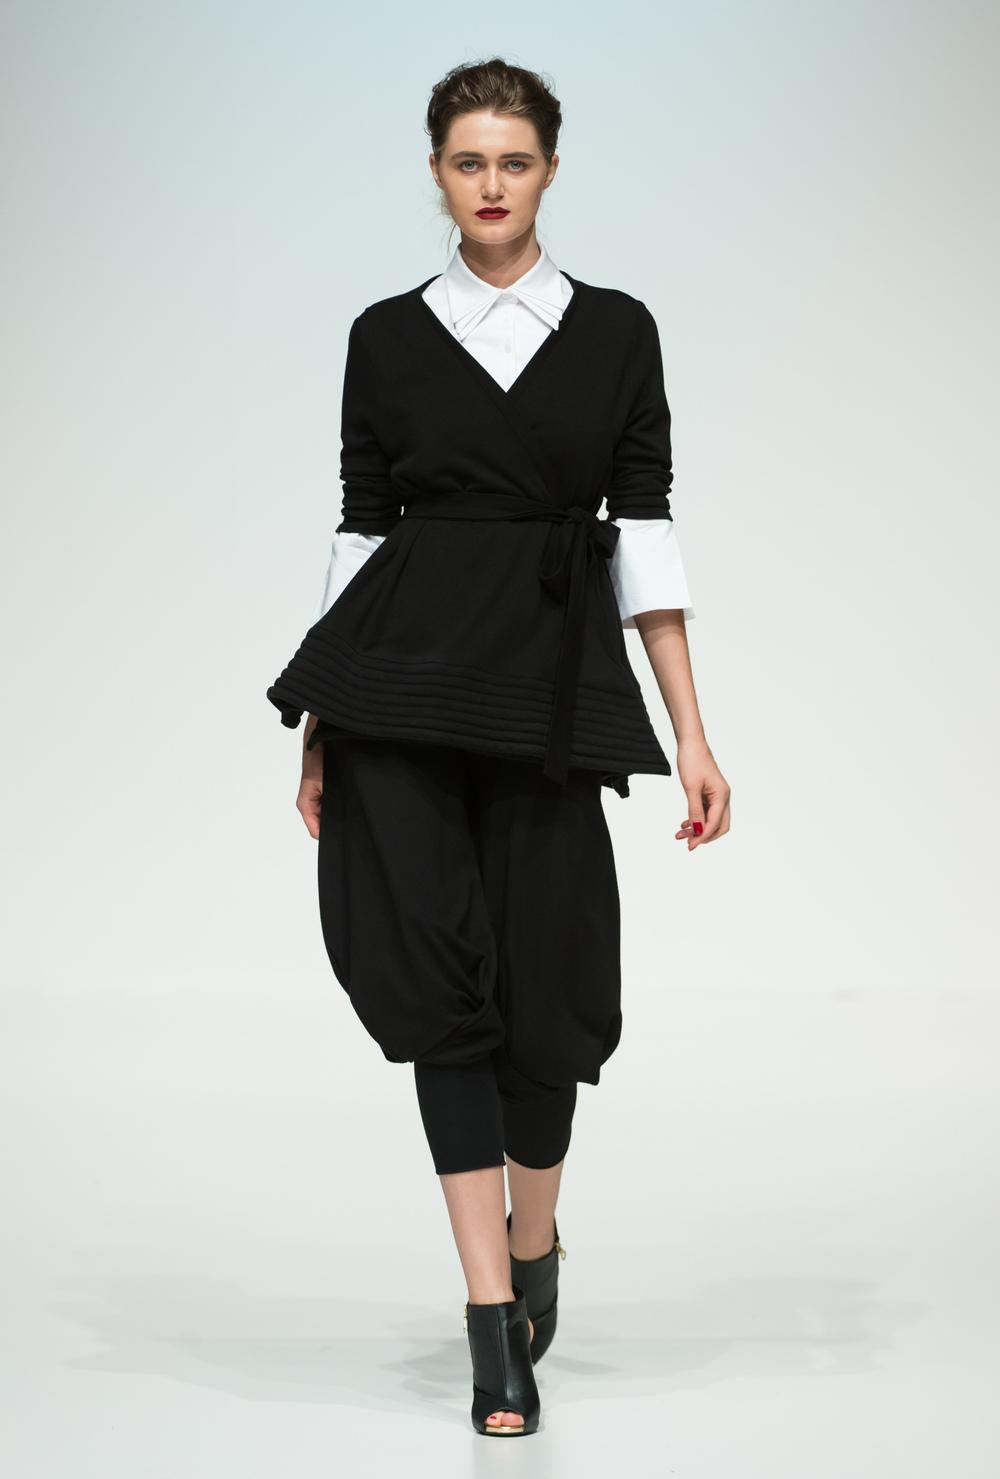 Daneh at Fashion Forward Season 5.